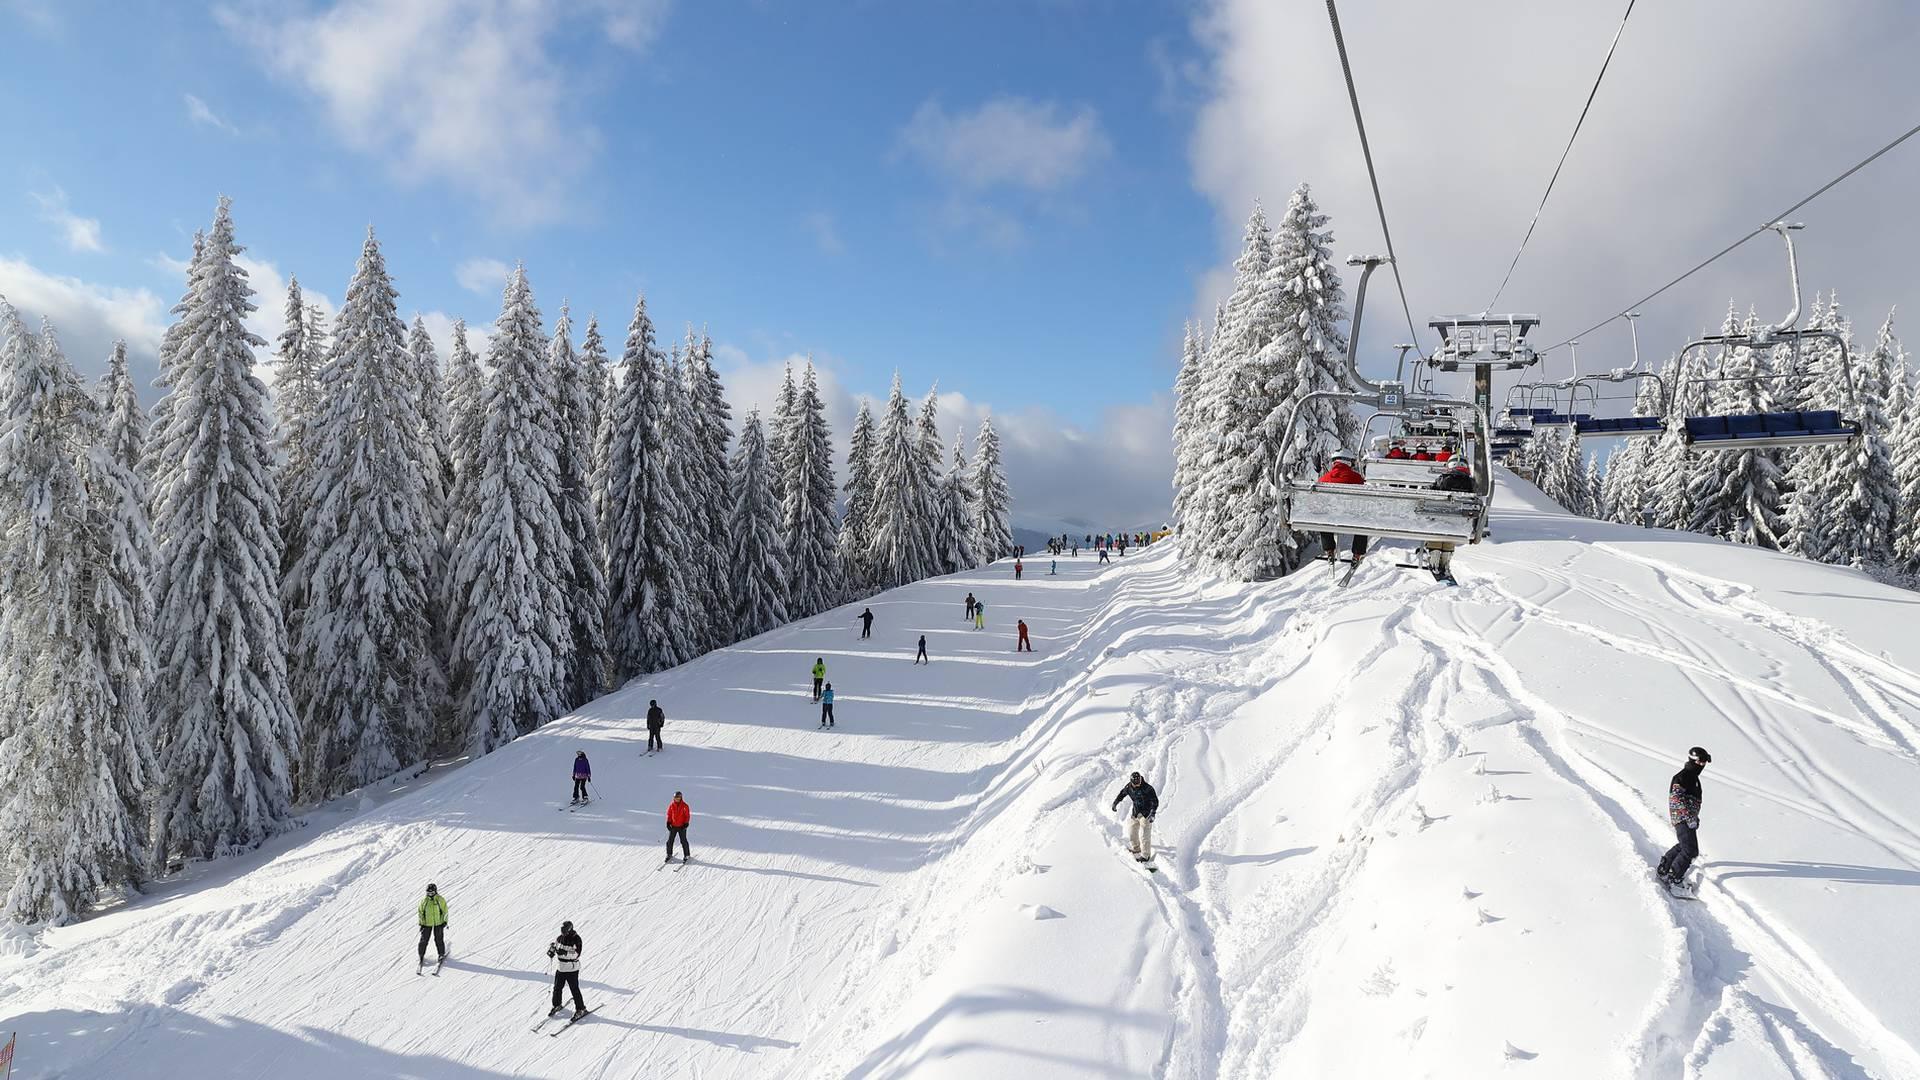 Raport de fotografii, album 10 decembrie 2017 - Bukovel. Stațiune de schi și spa în Carpați